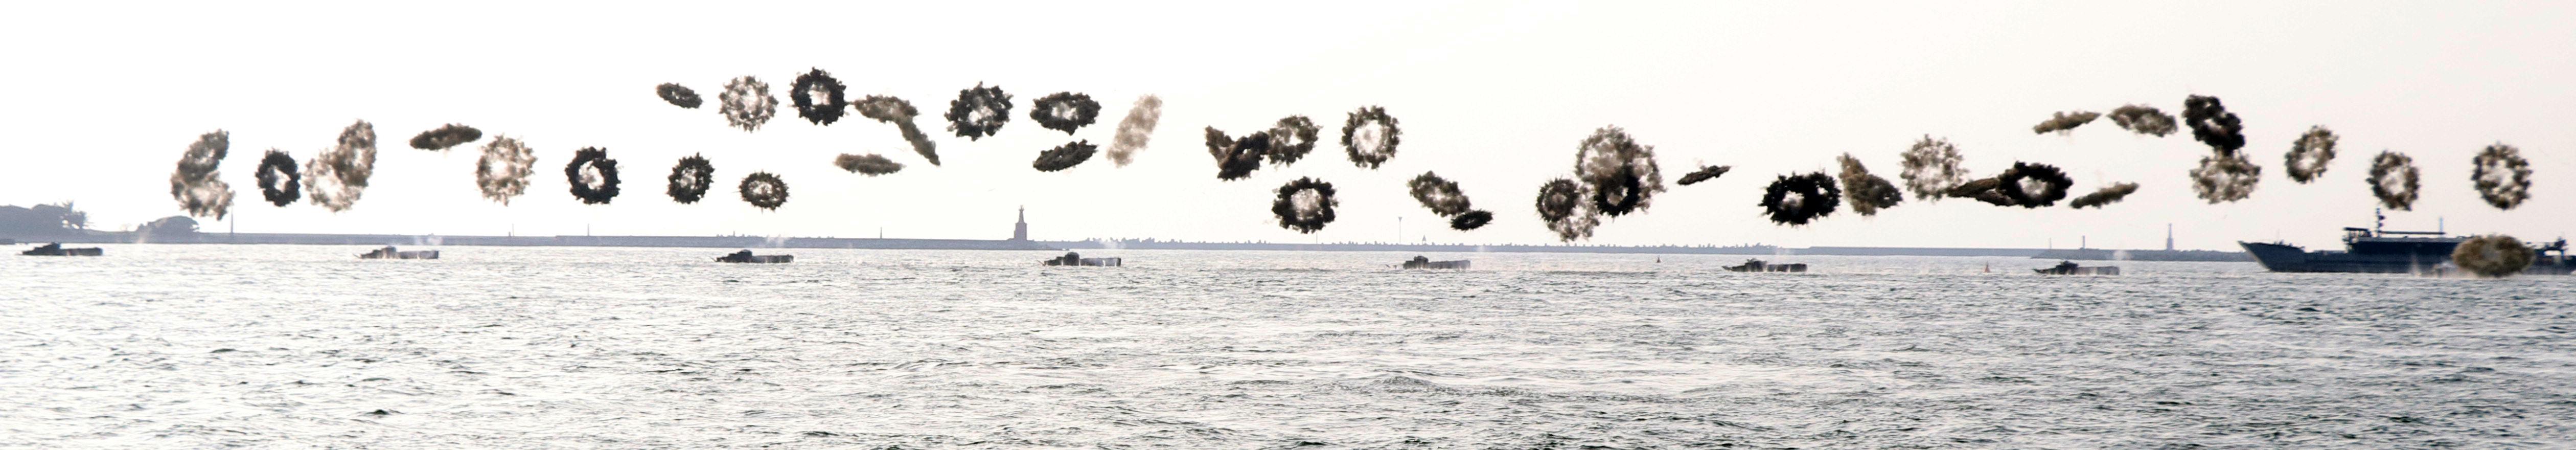 20161109-海軍左營基地營區開放9日舉行全兵力預校,陸戰隊AAV7兩棲突擊車施放煙幕彈,顯得十分壯觀-(蘇仲泓攝)